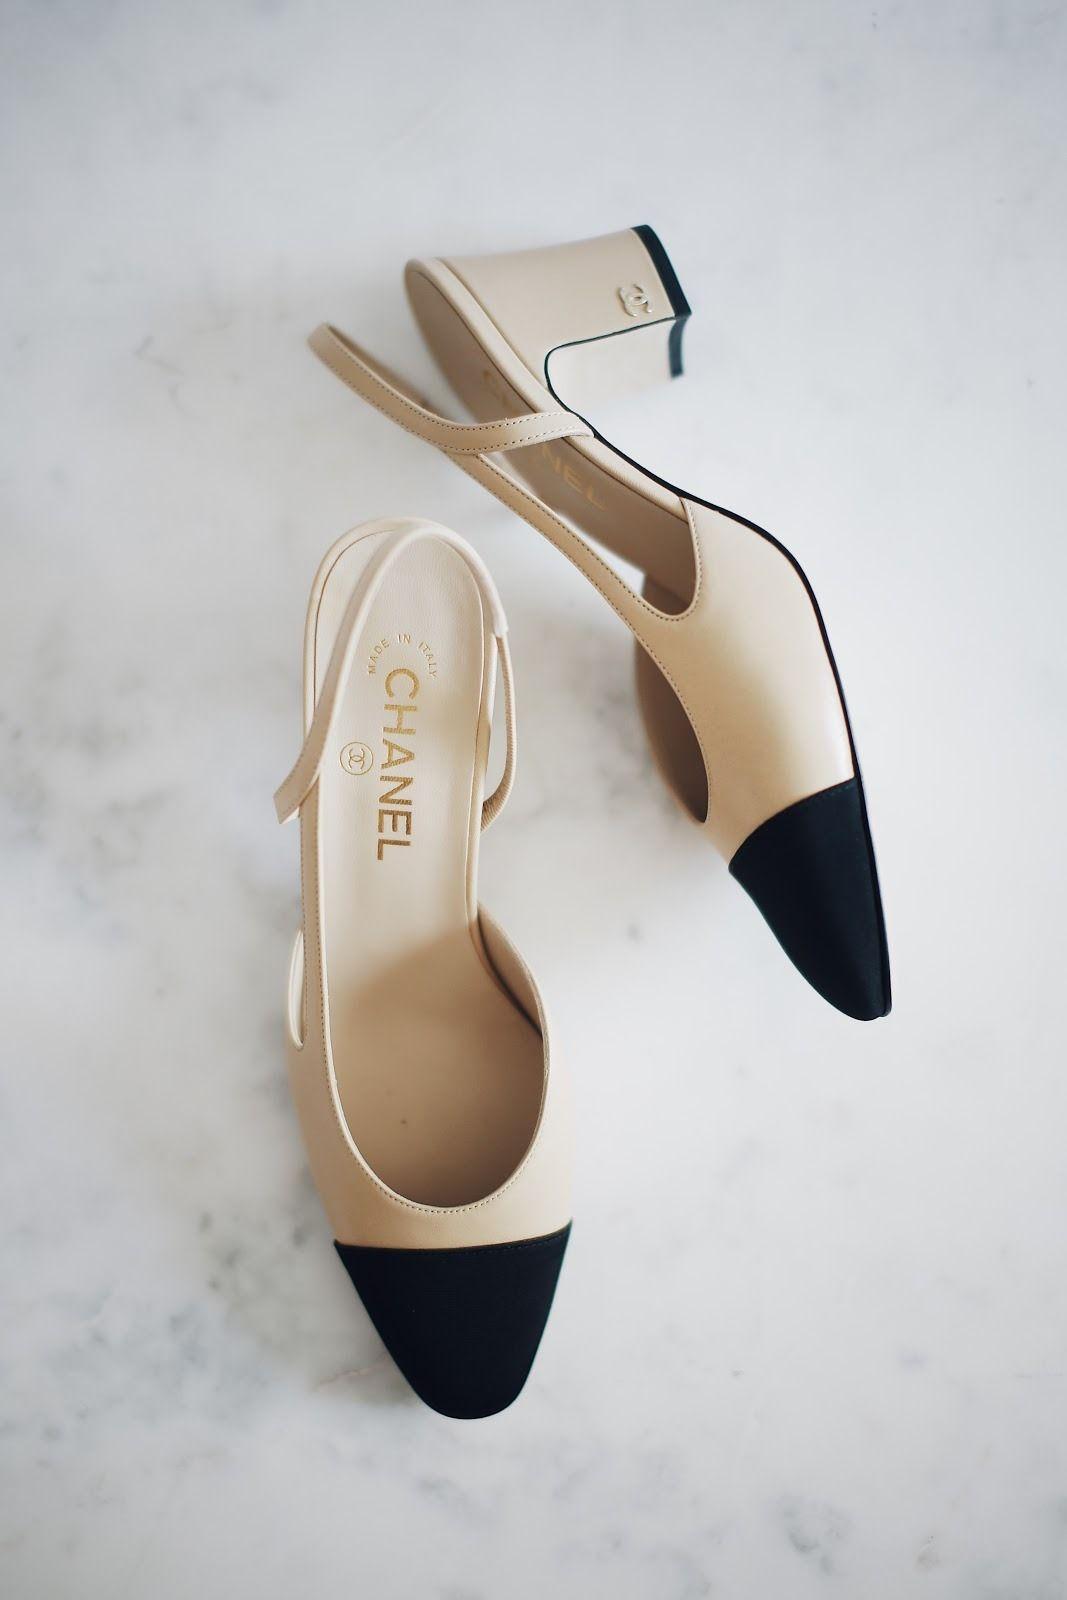 Lacewings Chanel Slingbacks Via Chanel Slingback Trending Shoes Heels